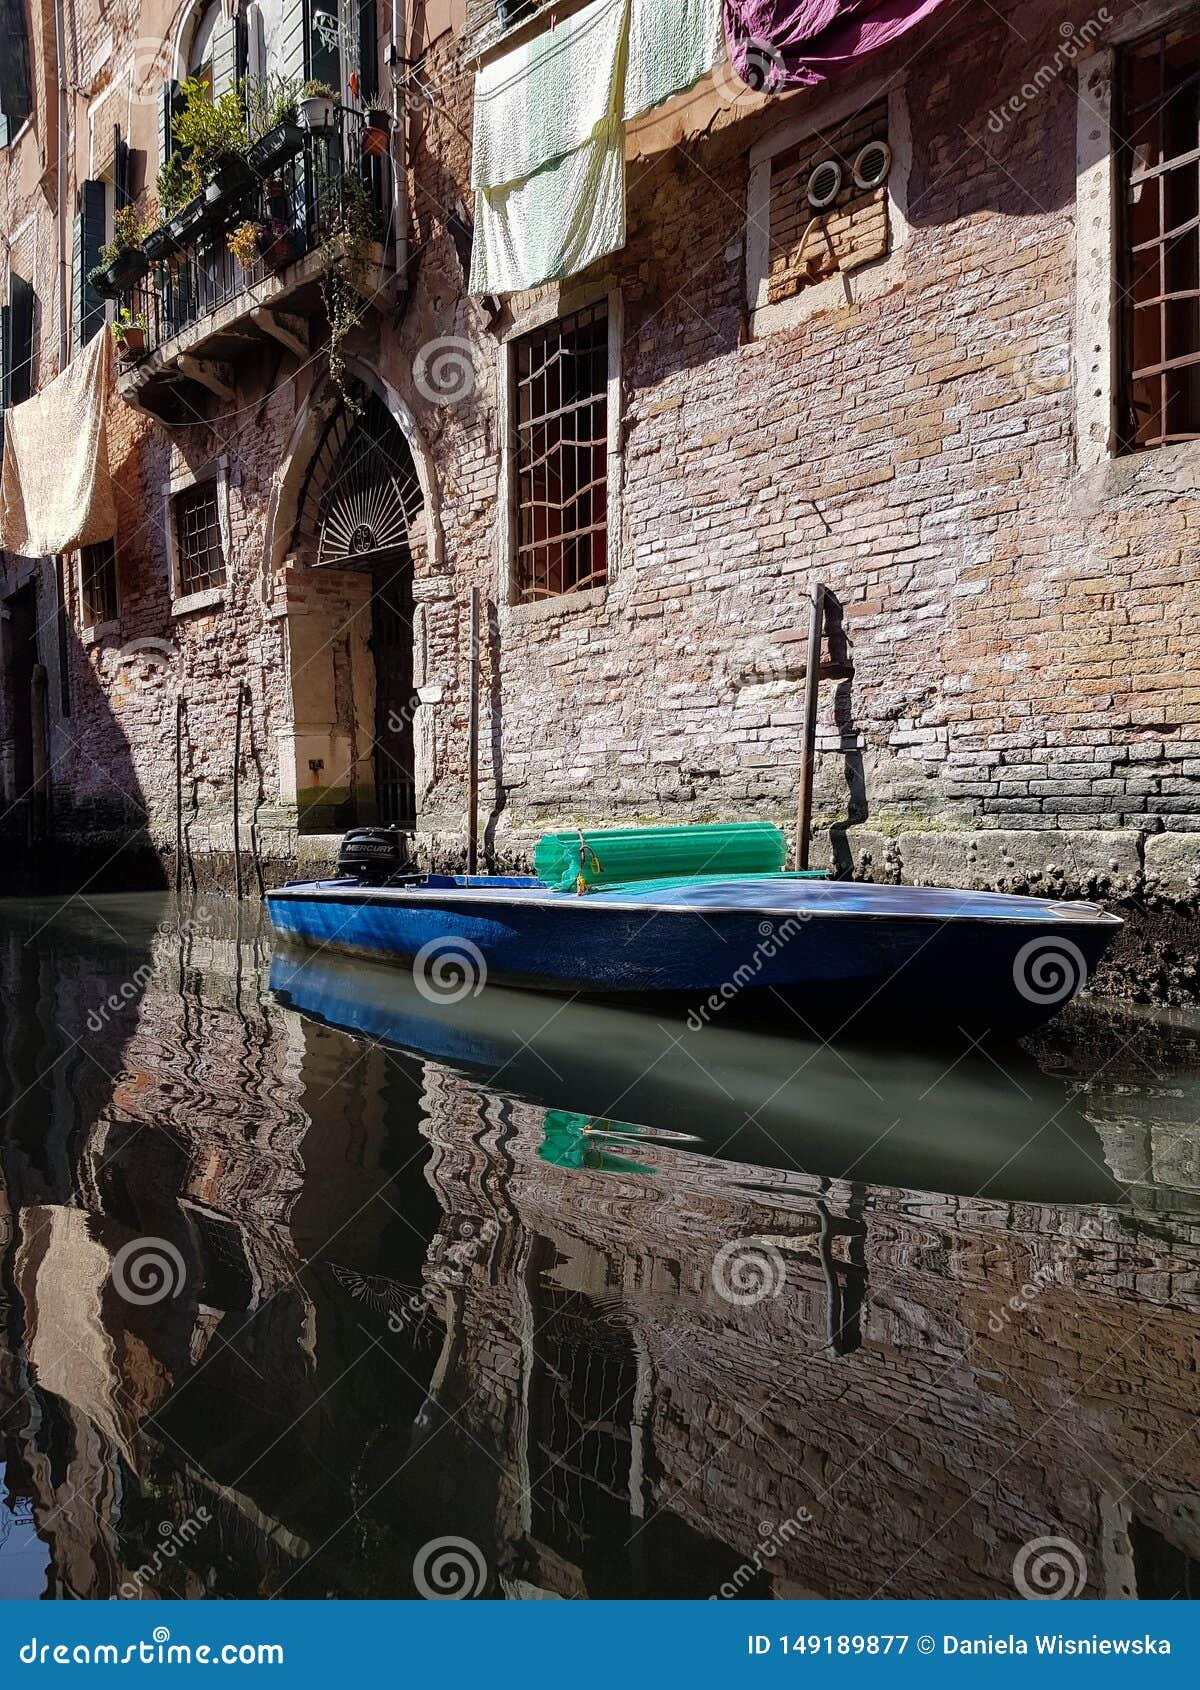 Boat in a venetian canala